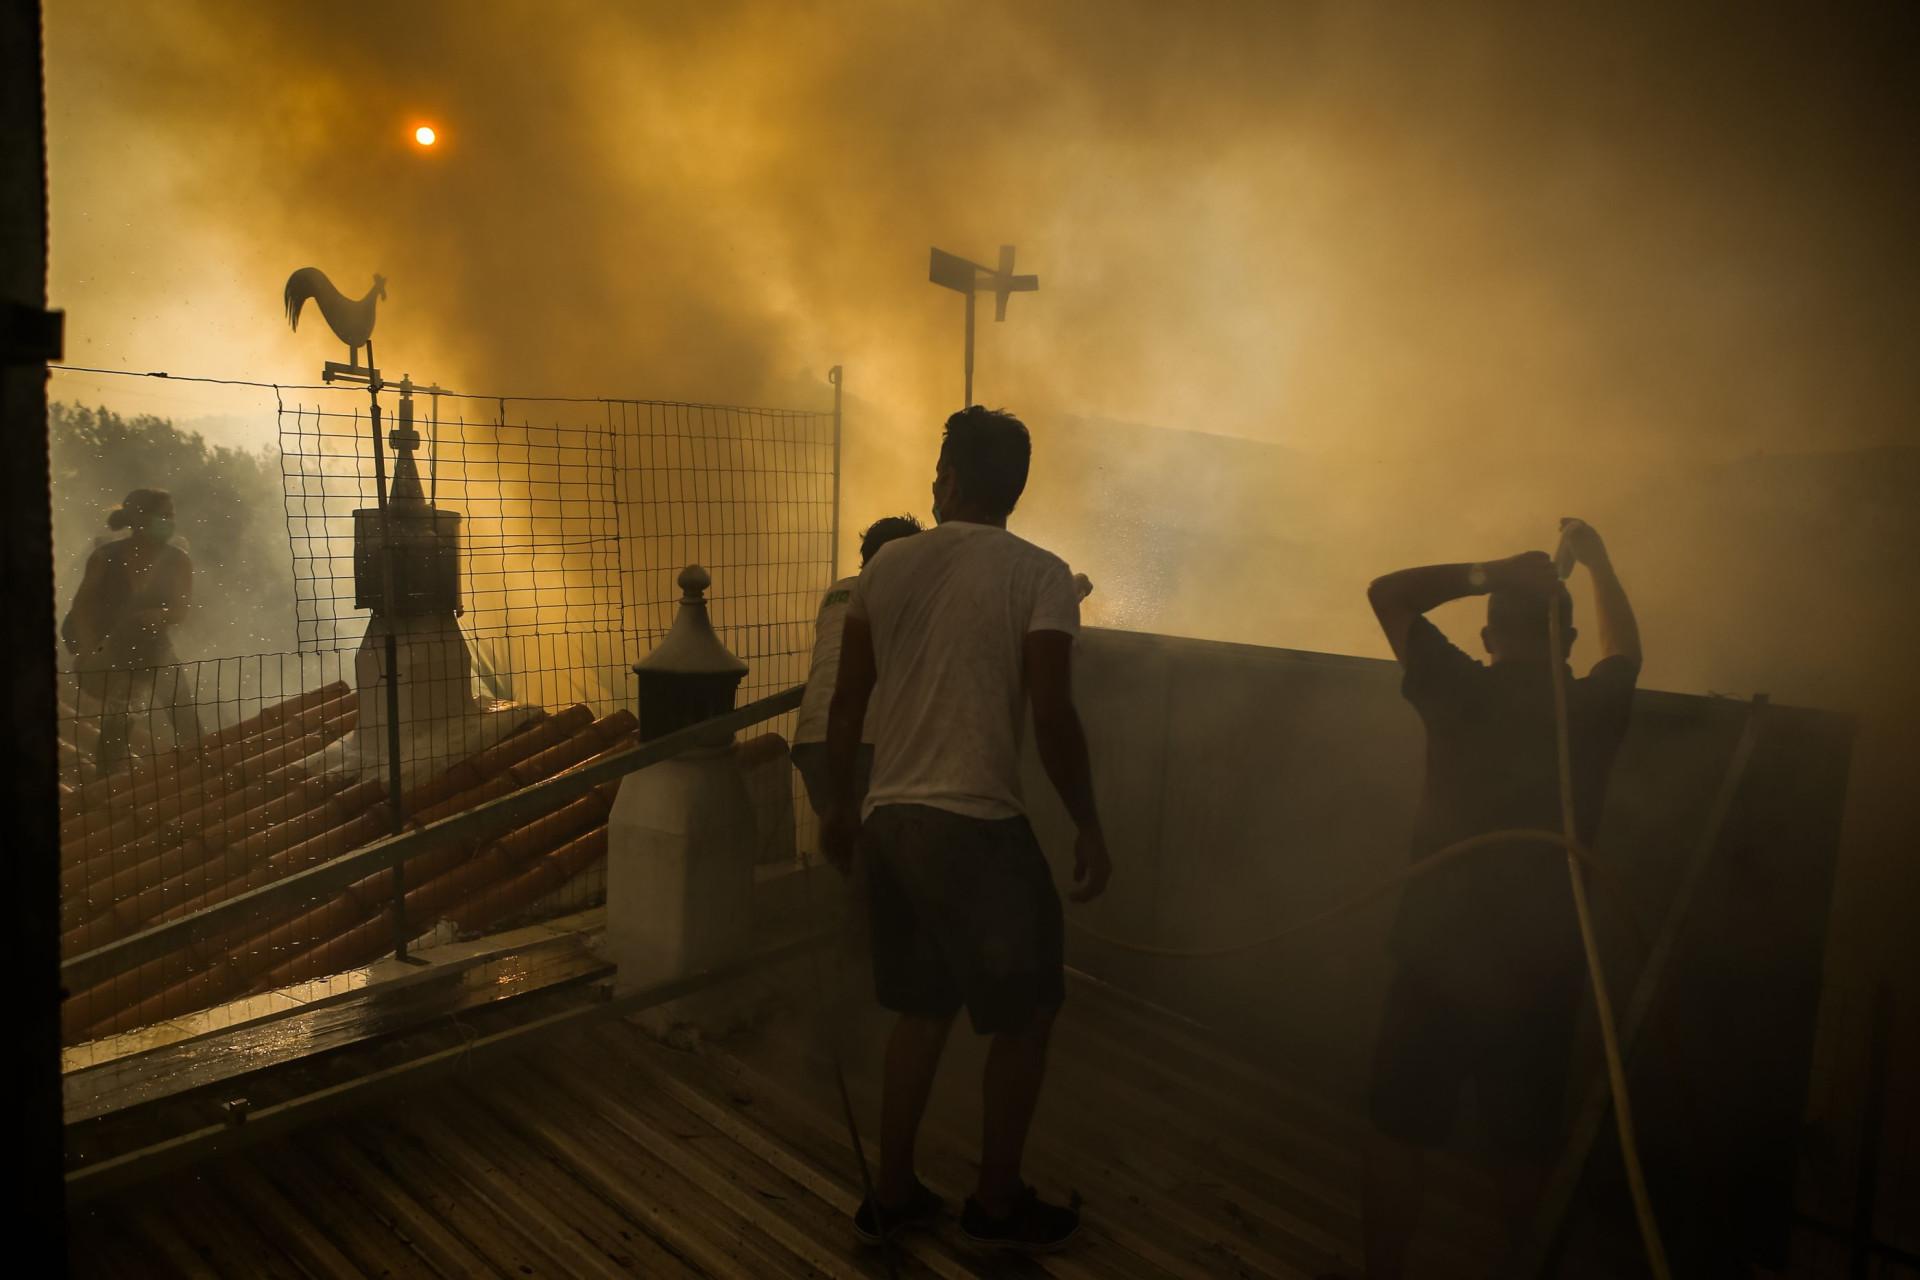 Entre a aflição e a coragem. Imagens de quem enfrenta a fúria das chamas